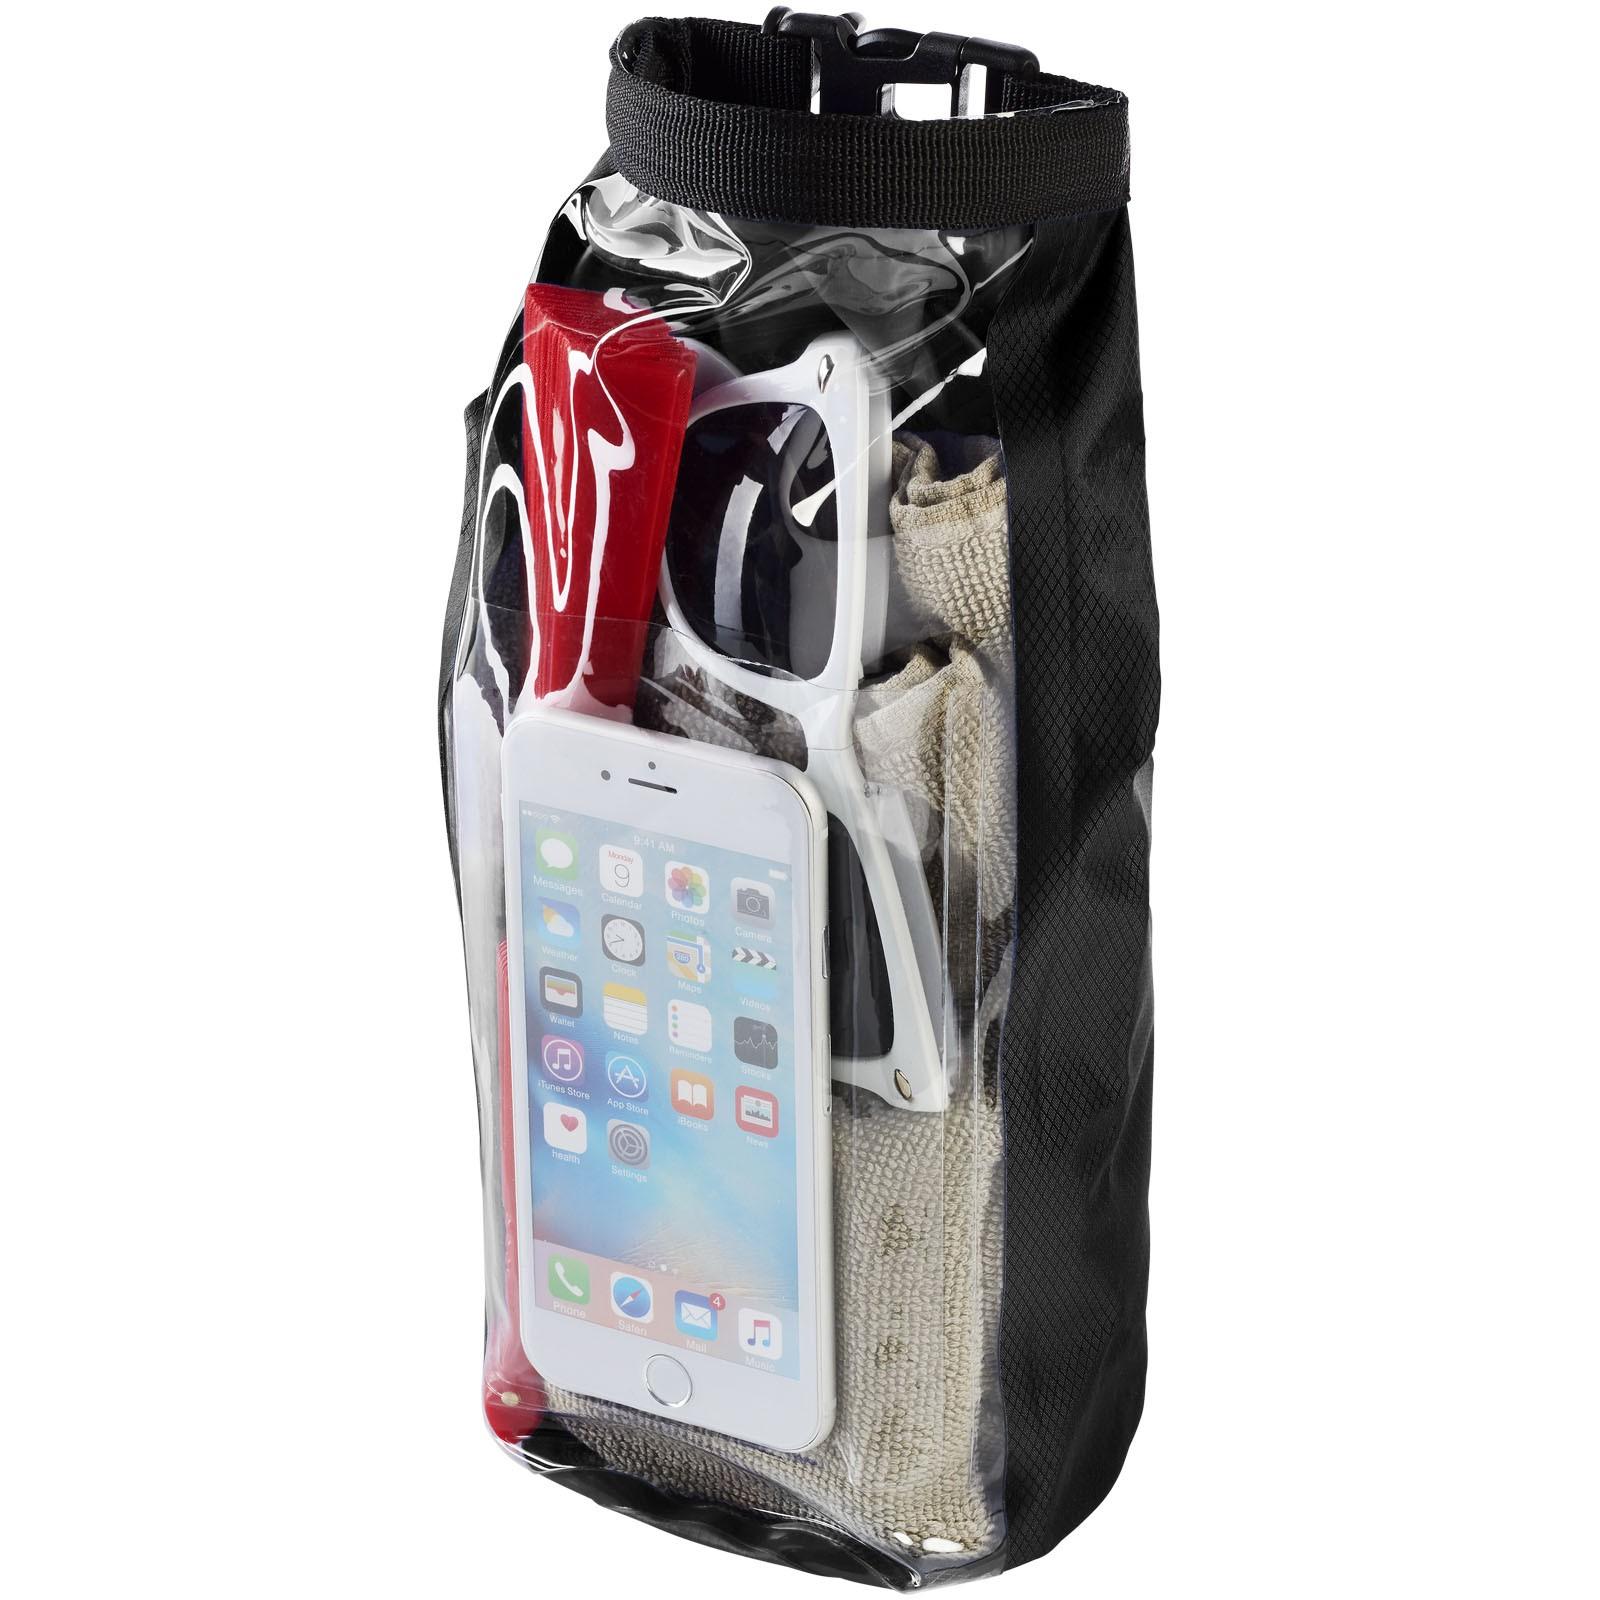 Tourist 2 l wasserdichte Outdoor-Tasche mit Telefonhülle - Schwarz